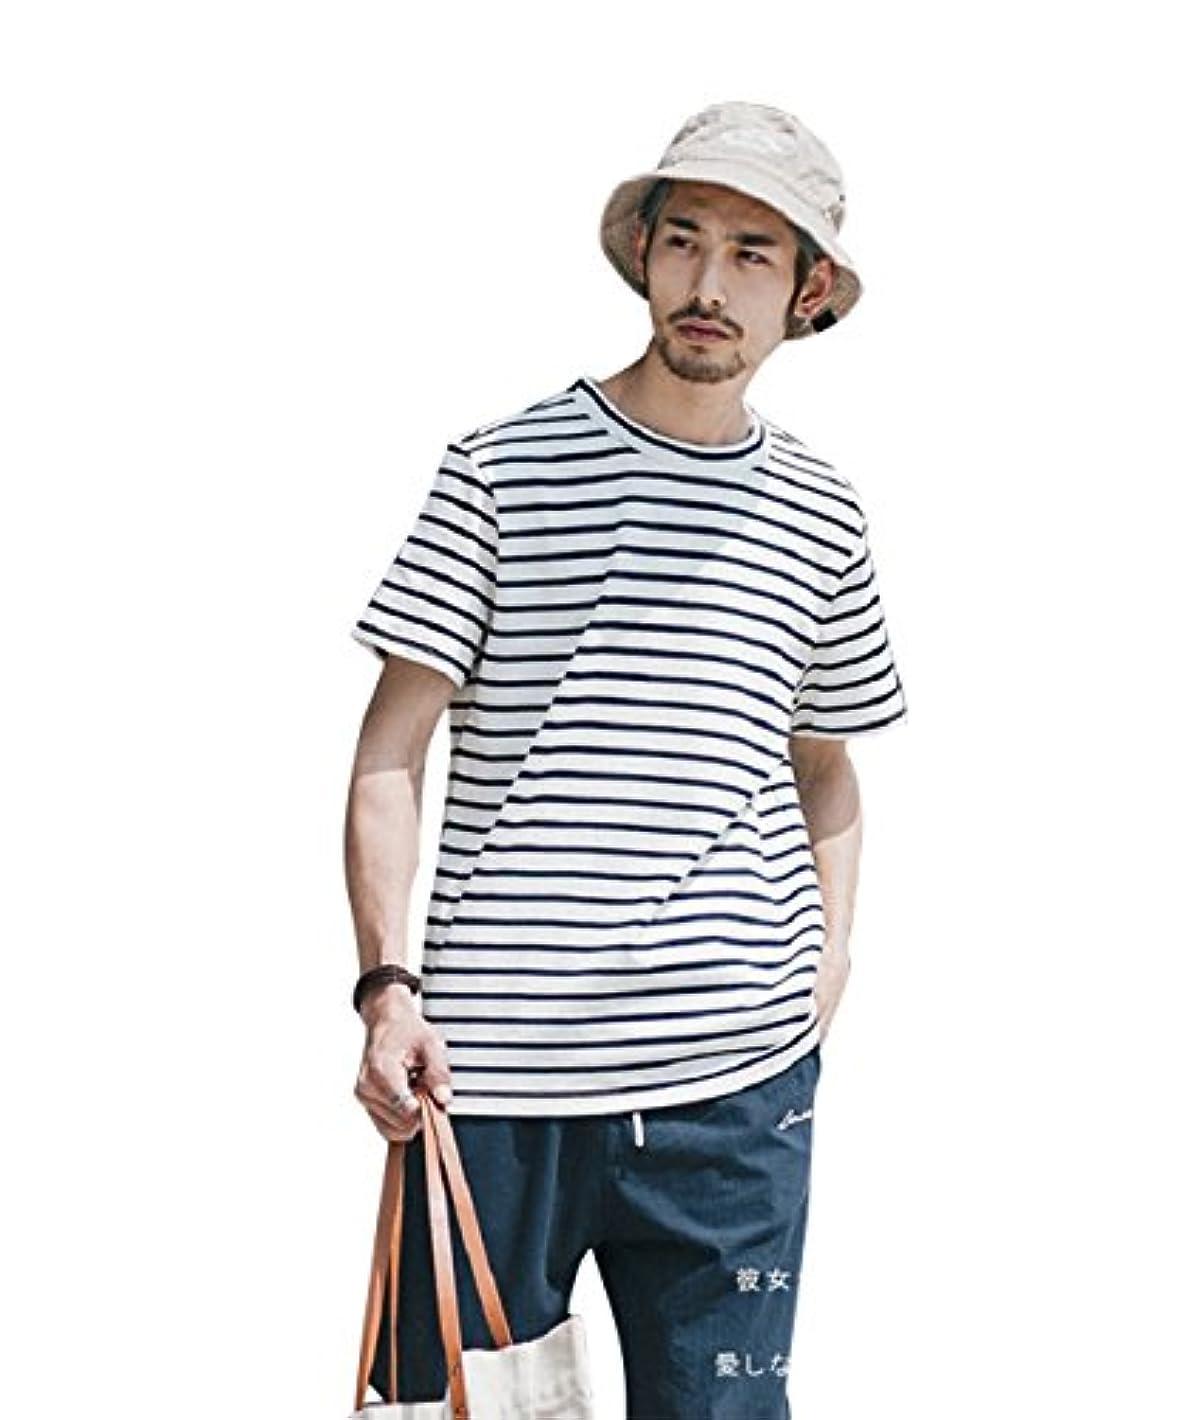 レンチ分注する守るCLOCOLOR Tシャツ カットソー 短袖 ビッグシルエット ボーダー 綿 大きいサイズ メンズ